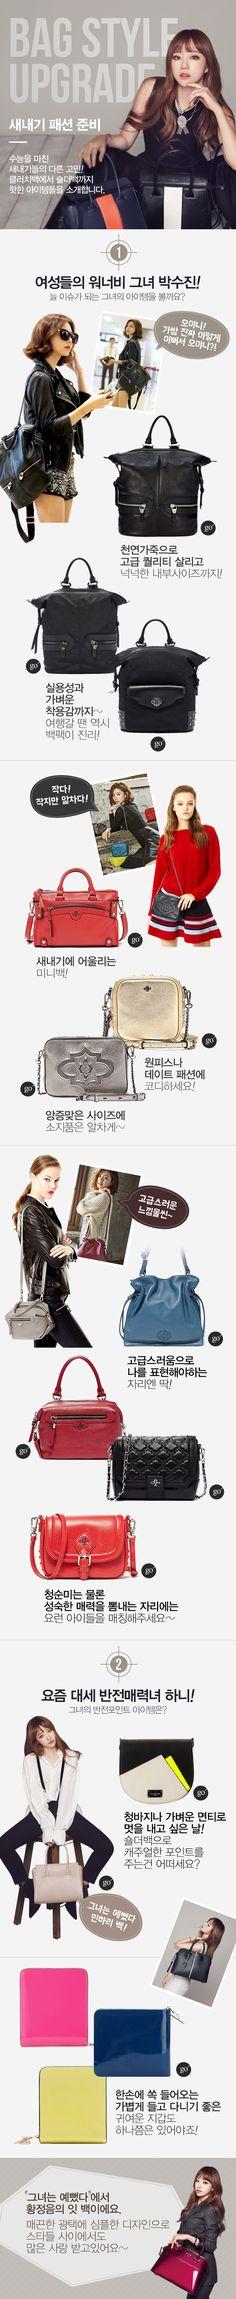 :::::롯데닷컴 스토리샵::::: BAG STYLE UPGRADE-새내기패션준비 Designed by 윤나라